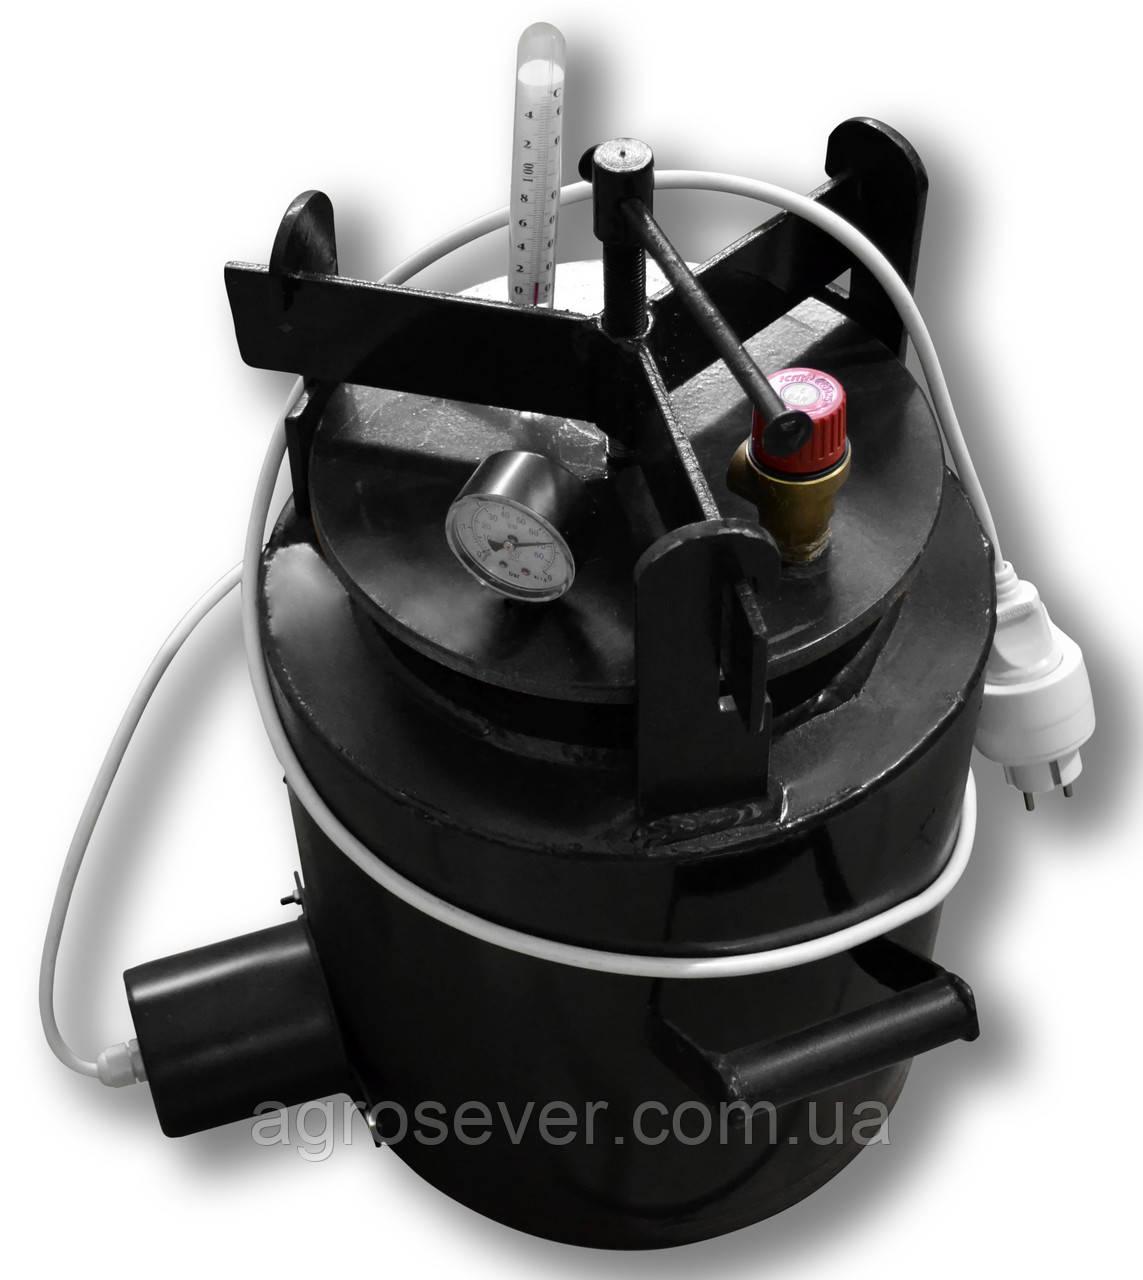 Автоклав ЧЕ-16 electro (Универсальный)(7 литровых или 16 пол литровых банок!)